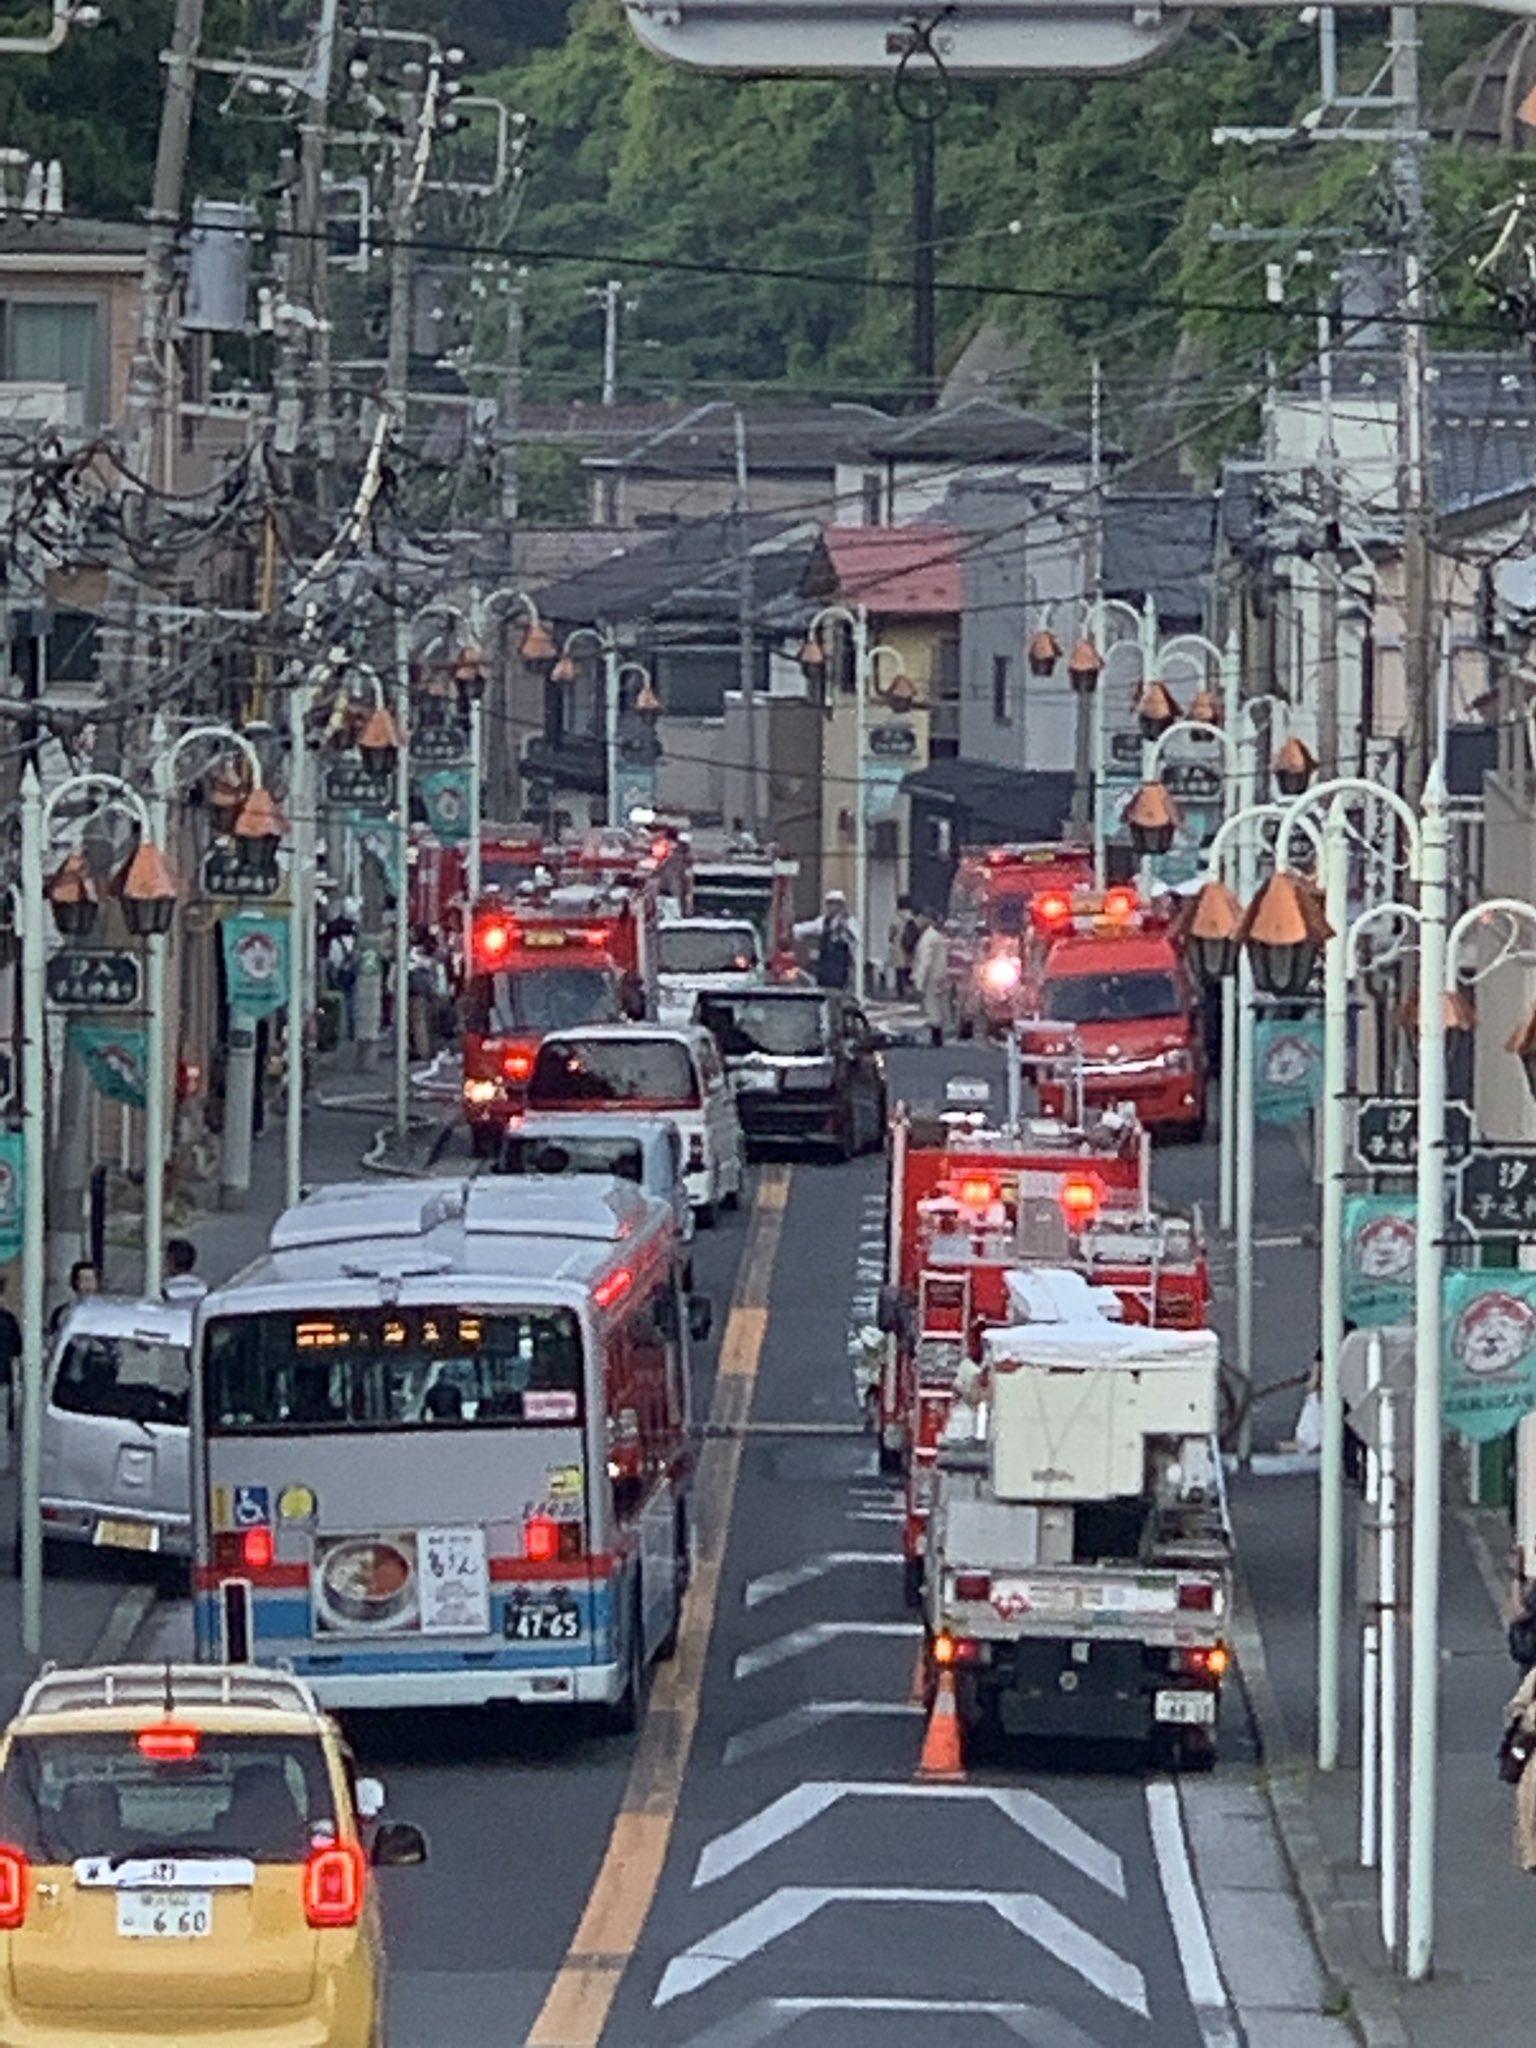 画像,汐入で火事て大渋滞…緊急車両がいっぱい…大事に至らないといいね… https://t.co/YiXFvRHKNT。